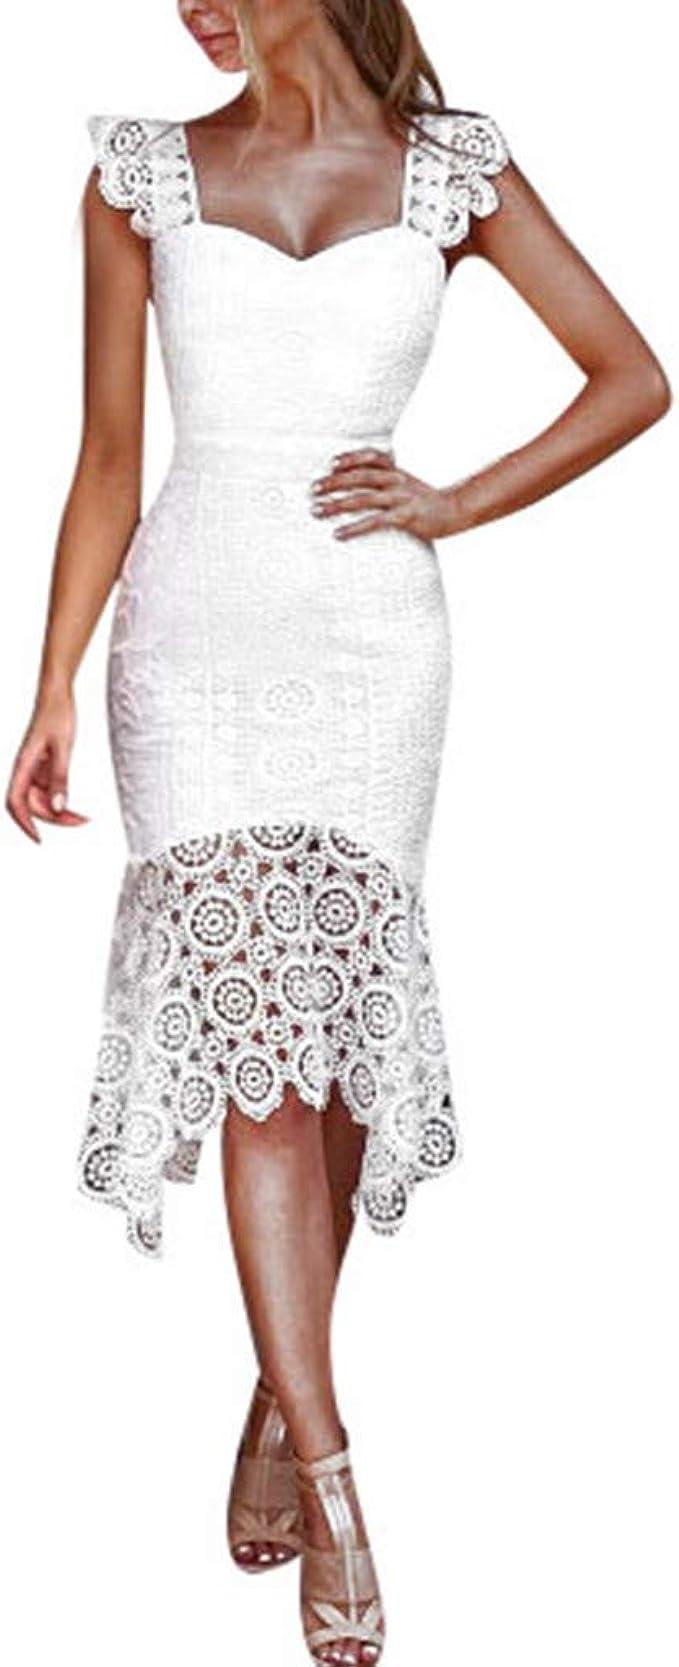 Kleid Kleider Sommerkleid Elegant Vintage Schöne Damen Festliche Sommer  Spitze Knielang Abend Abschlussball Rückenfrei A Linien Partykleid